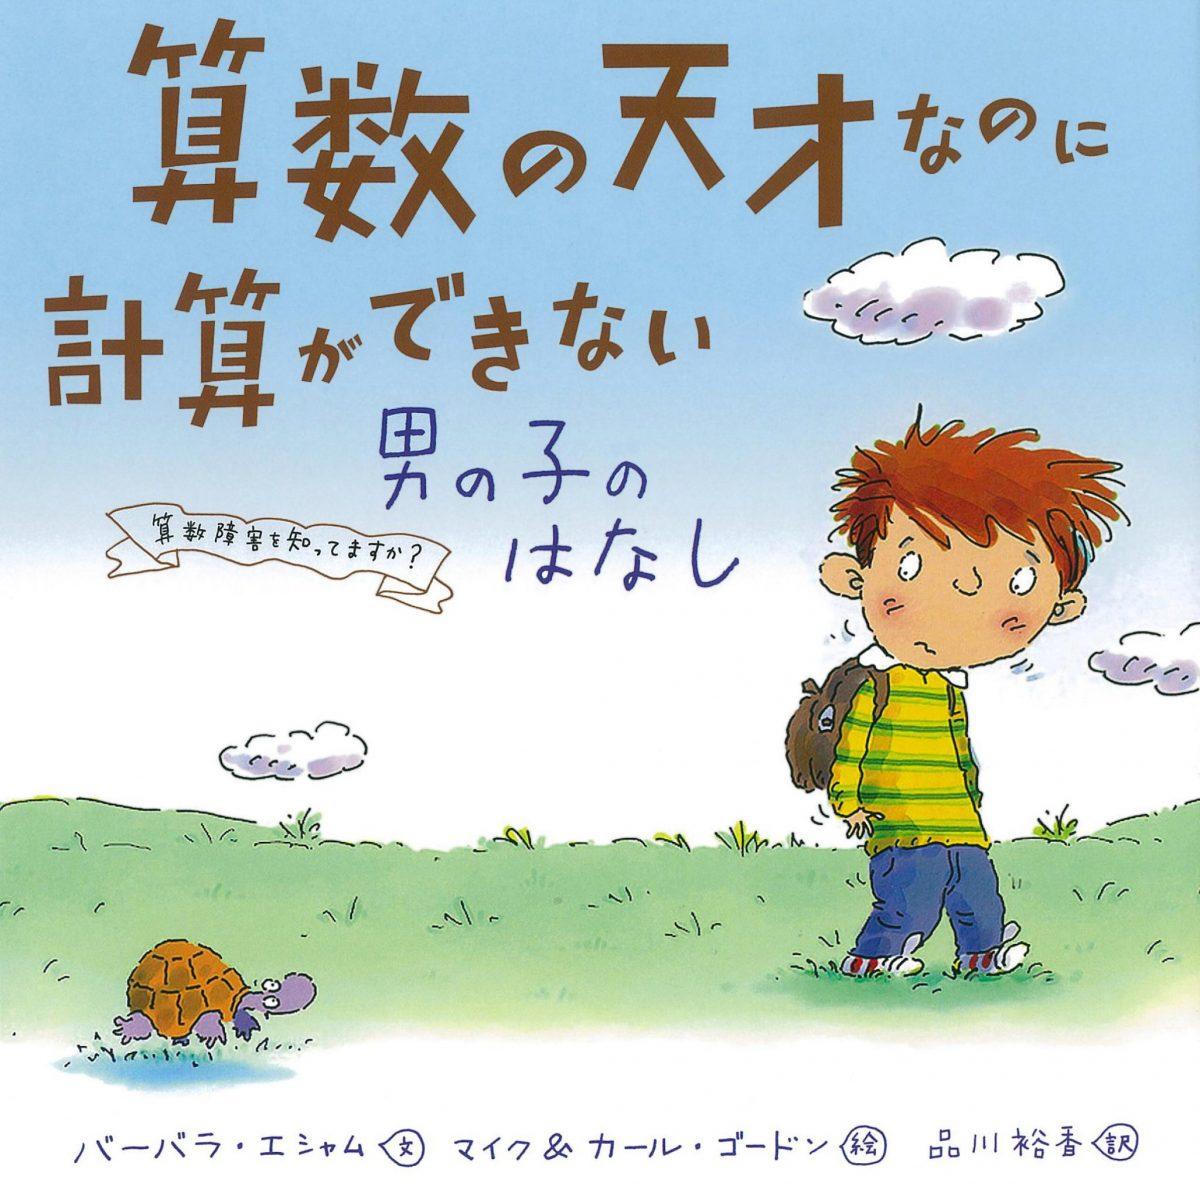 絵本「算数の天才なのに計算ができない男の子のはなし」の表紙